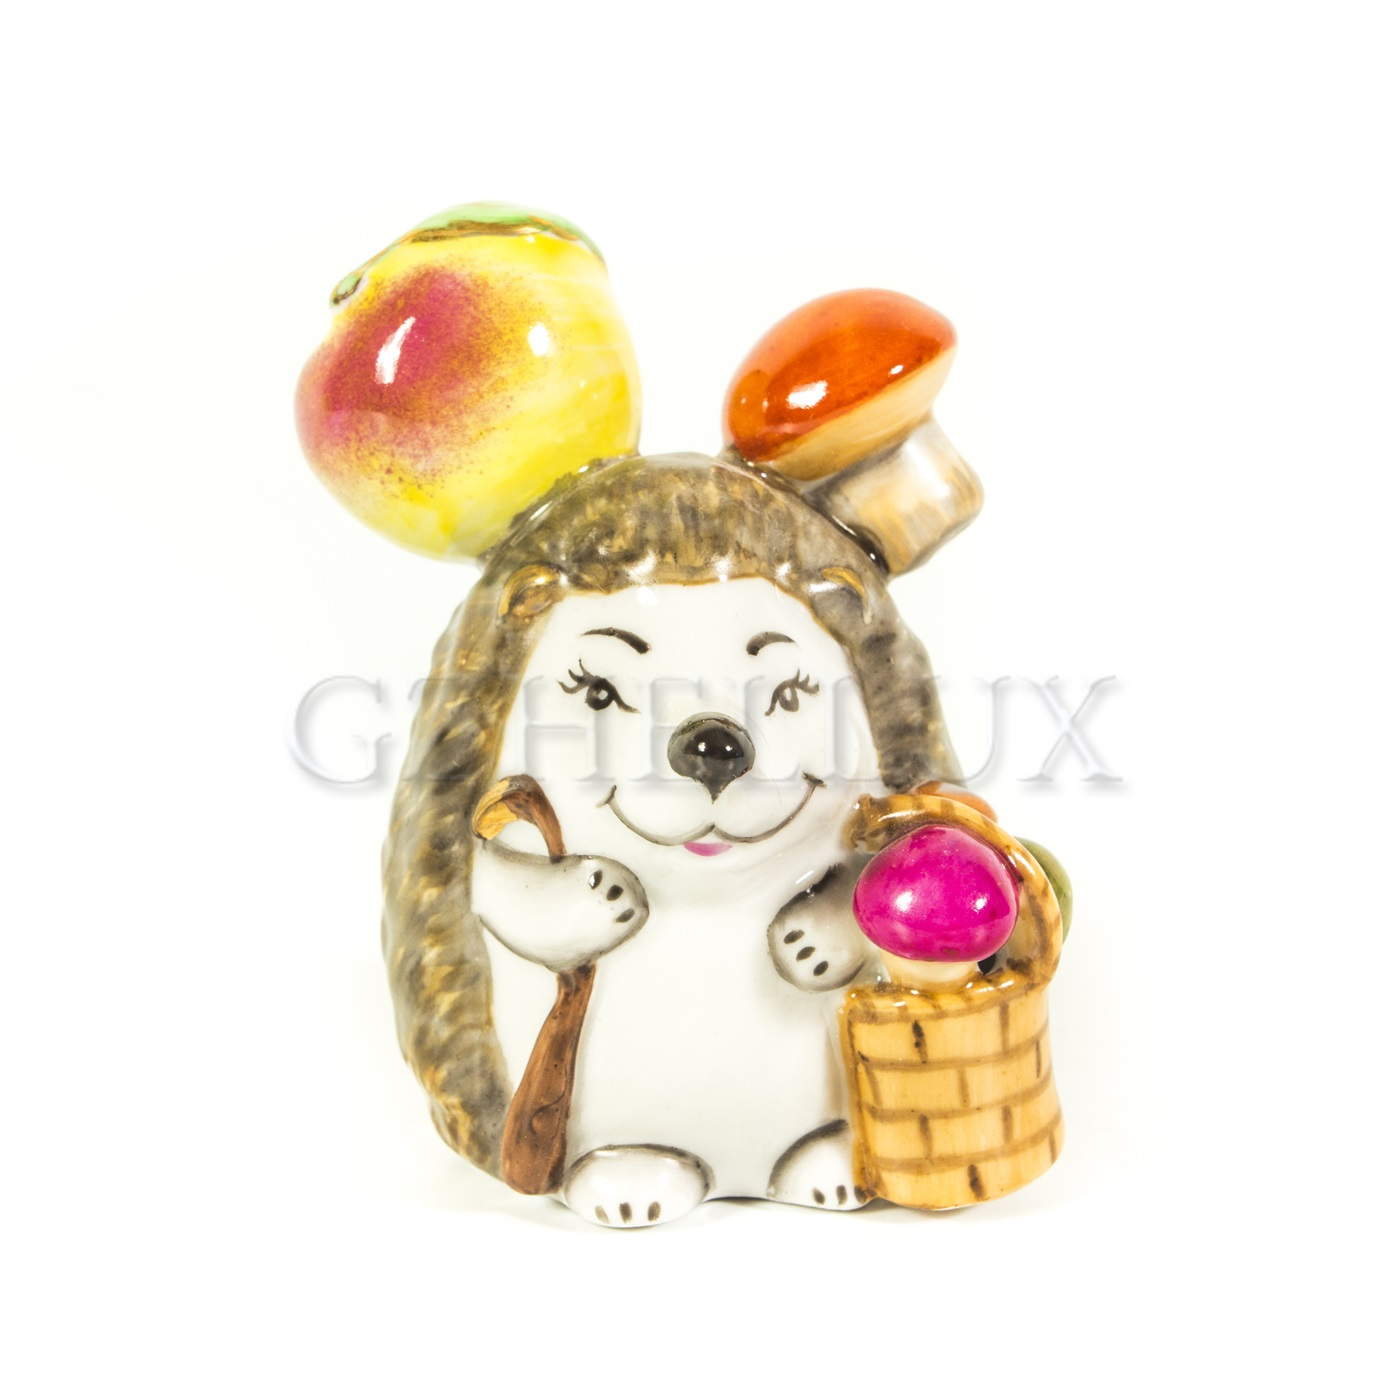 Скульптура «Ёжик с яблоками» в красках